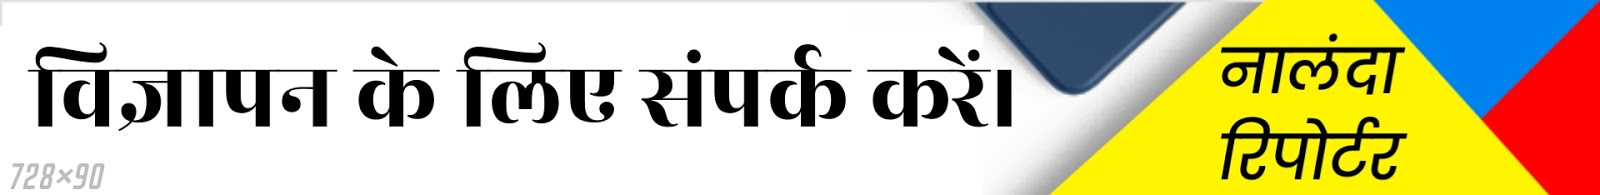 contact for ads- nalanda reporter